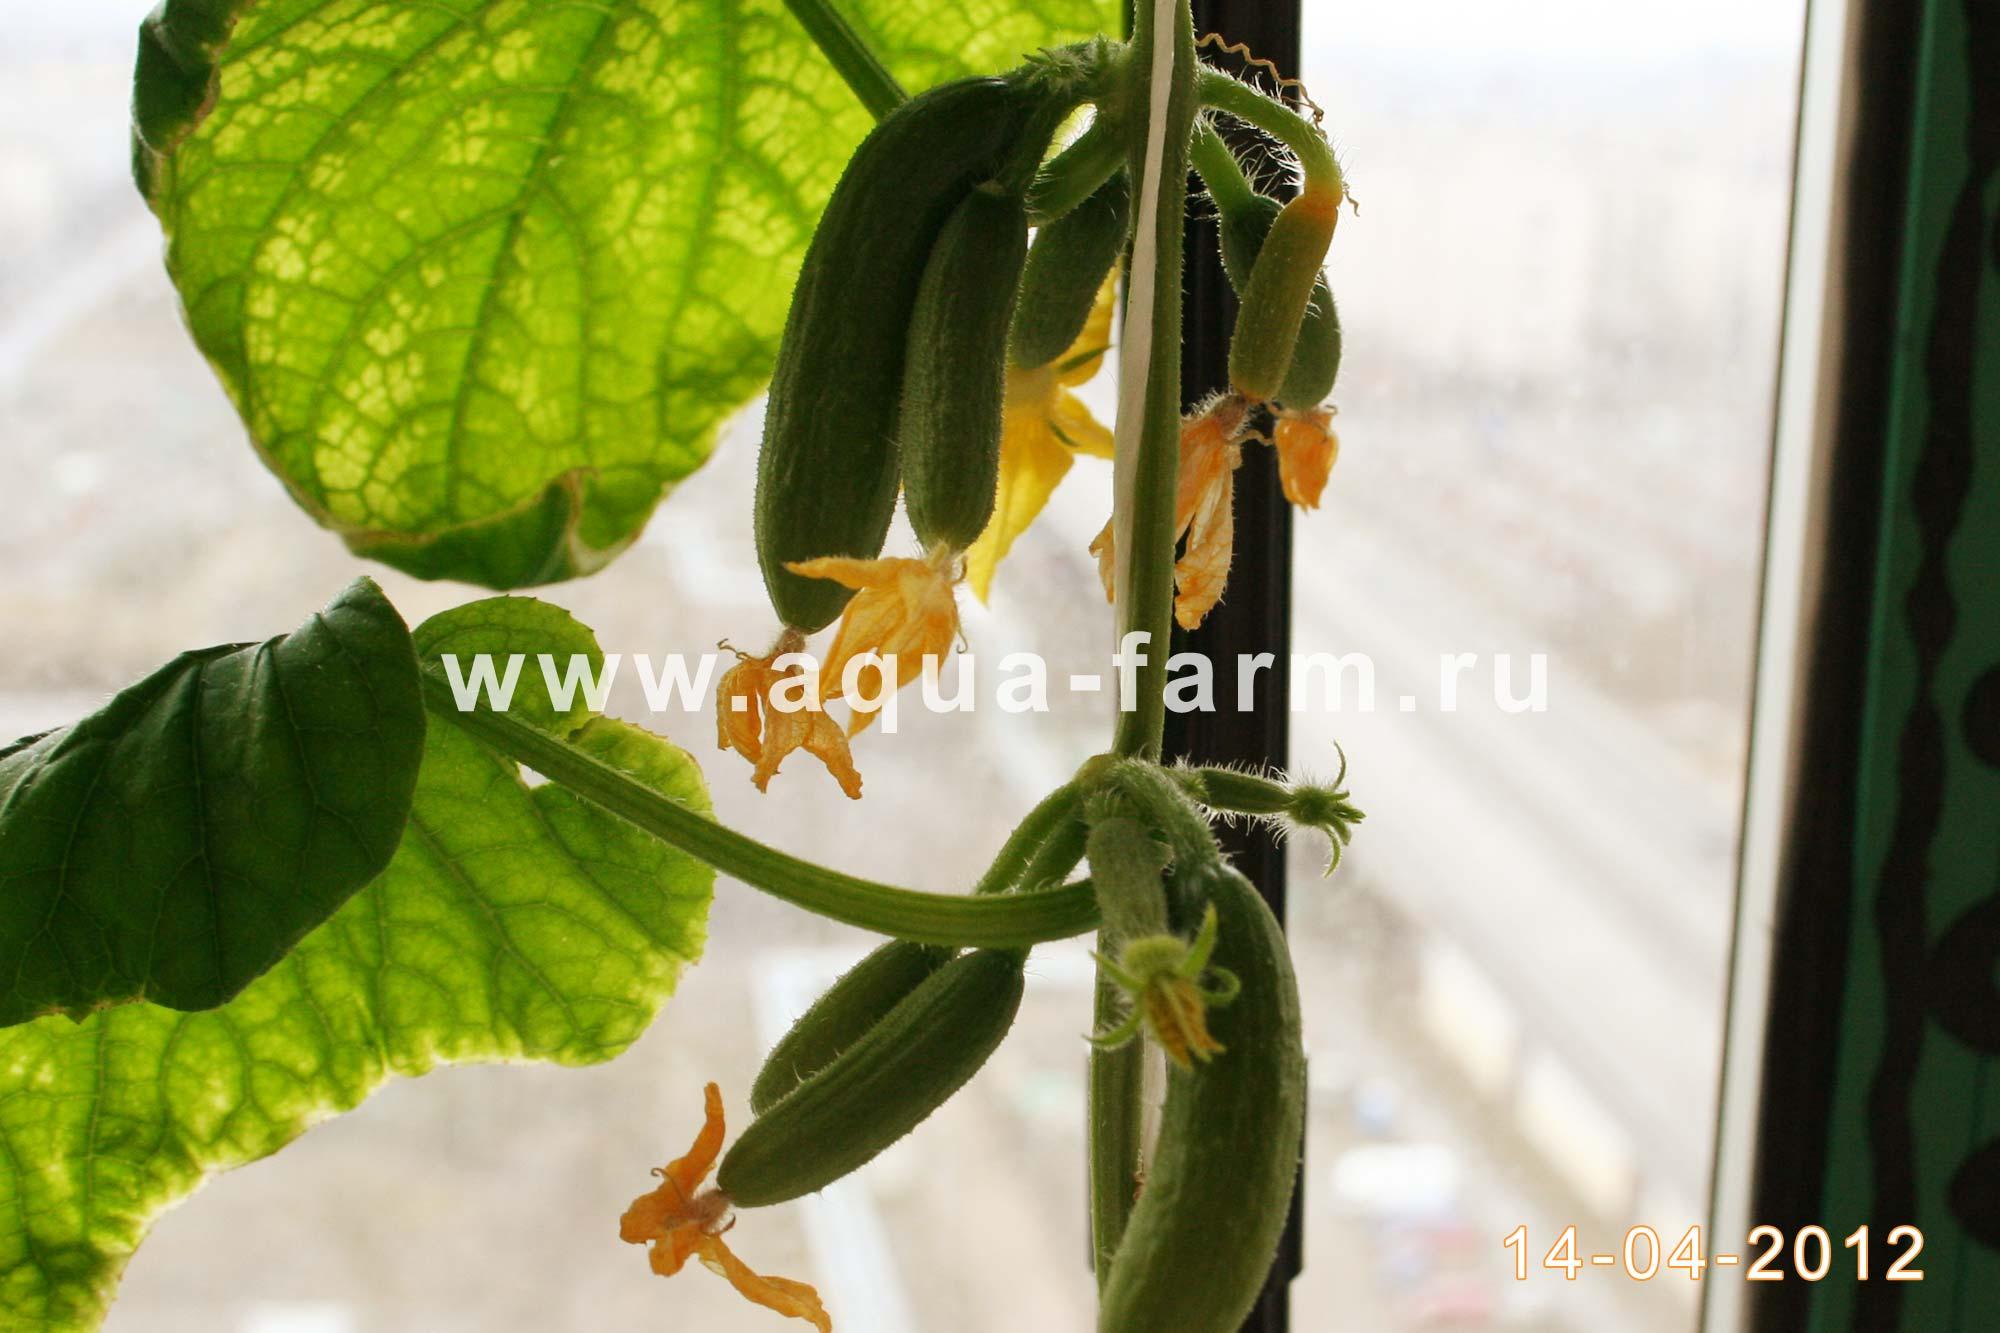 Выращивание огурцов на подоконнике зимой - подкормки, фото и 24